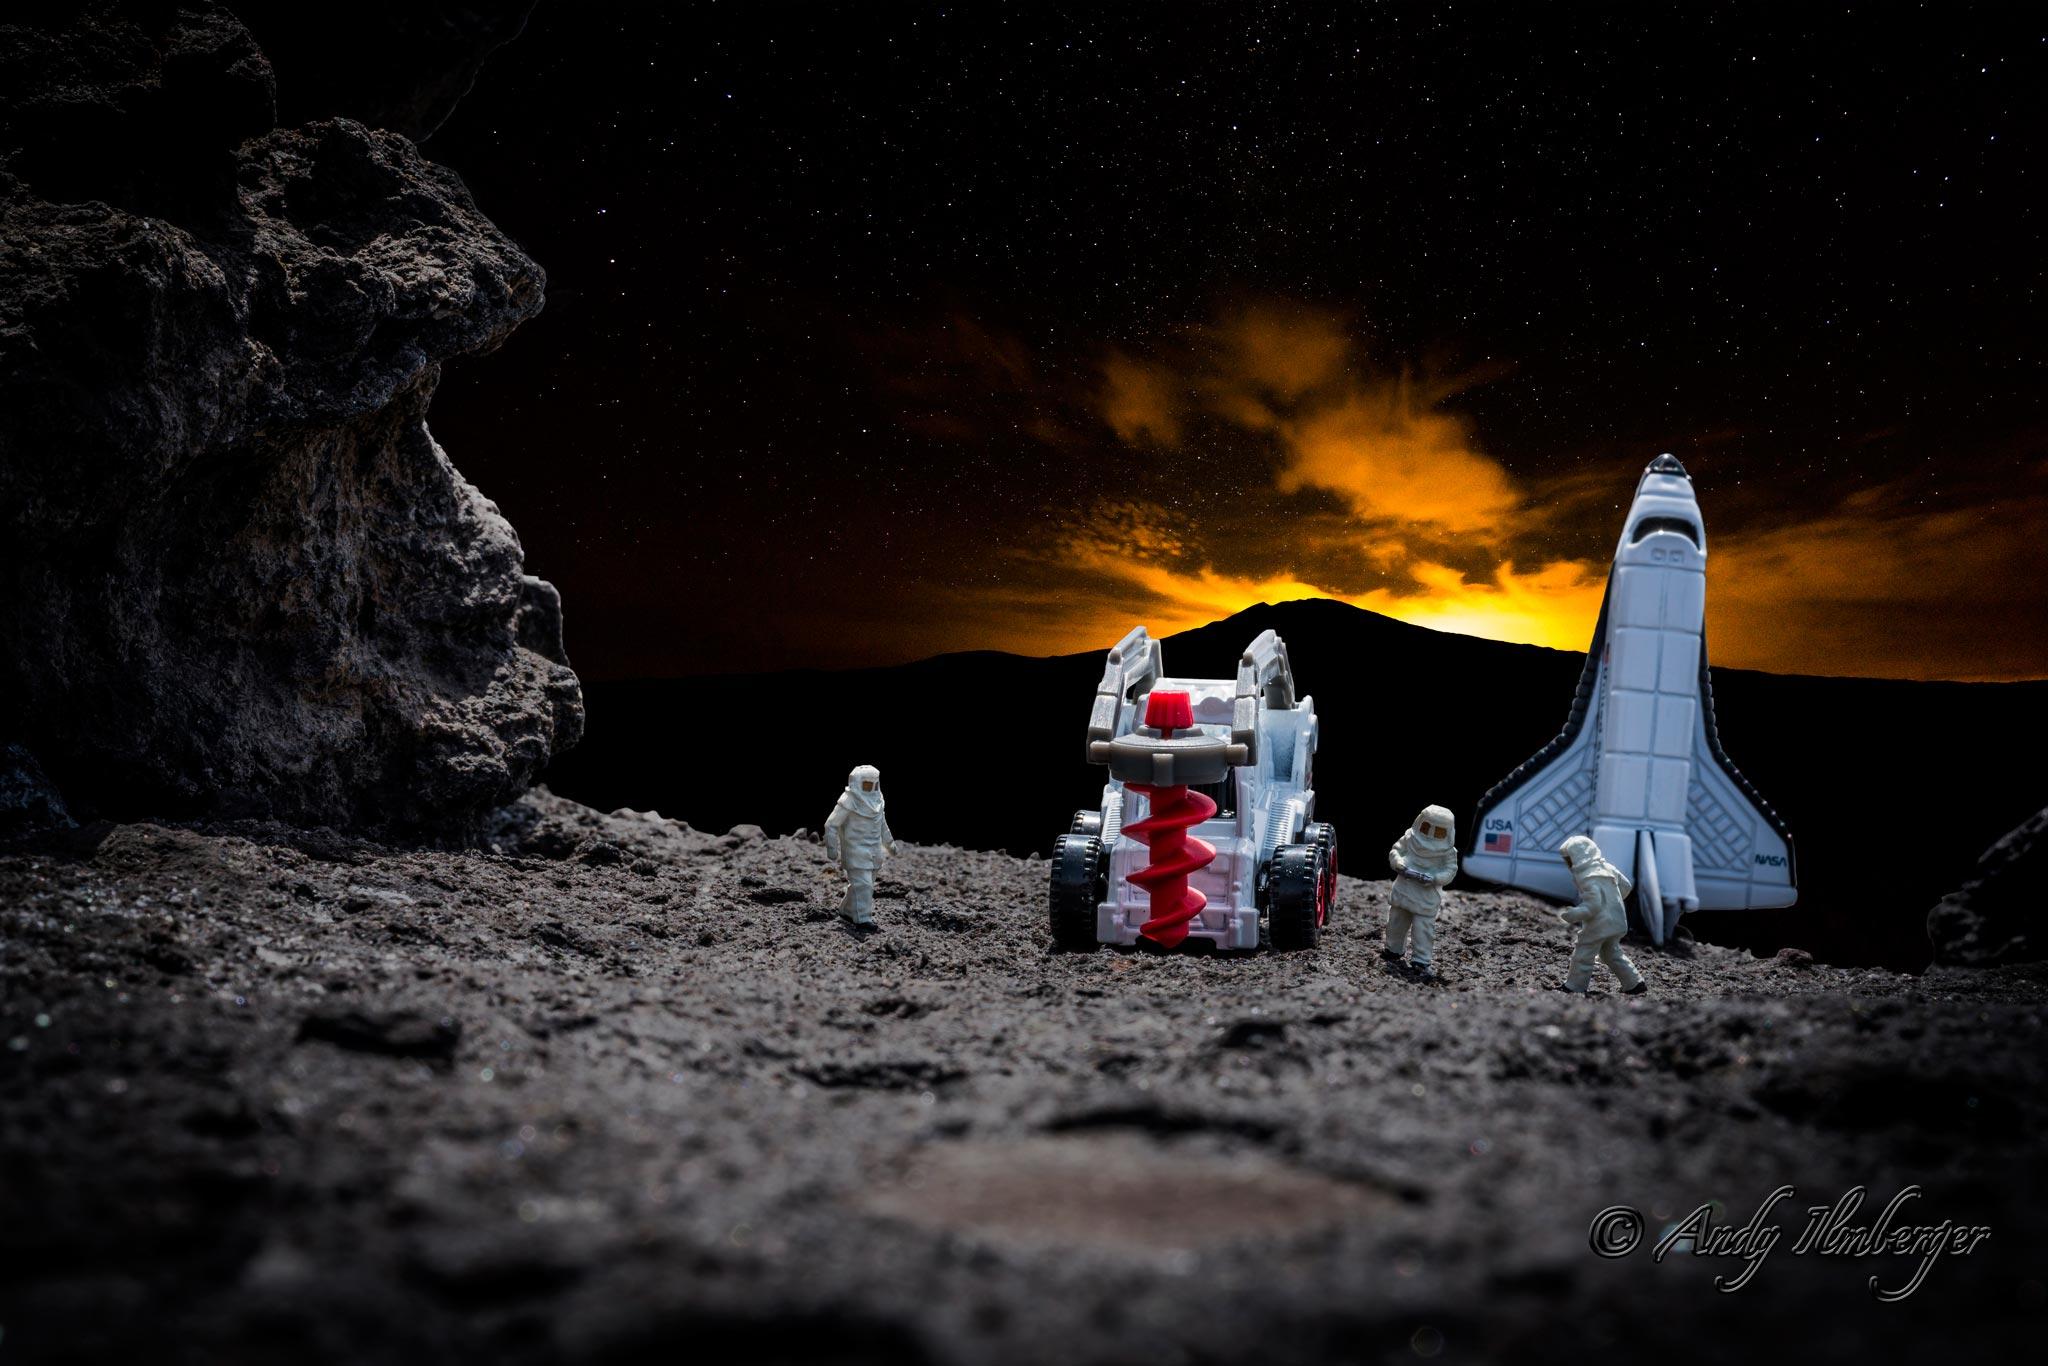 H0-Helden - Marsexpedition - H0-Figuren in Szene gesetzt von © Andy Ilmberger im Kleine-Helden.Club